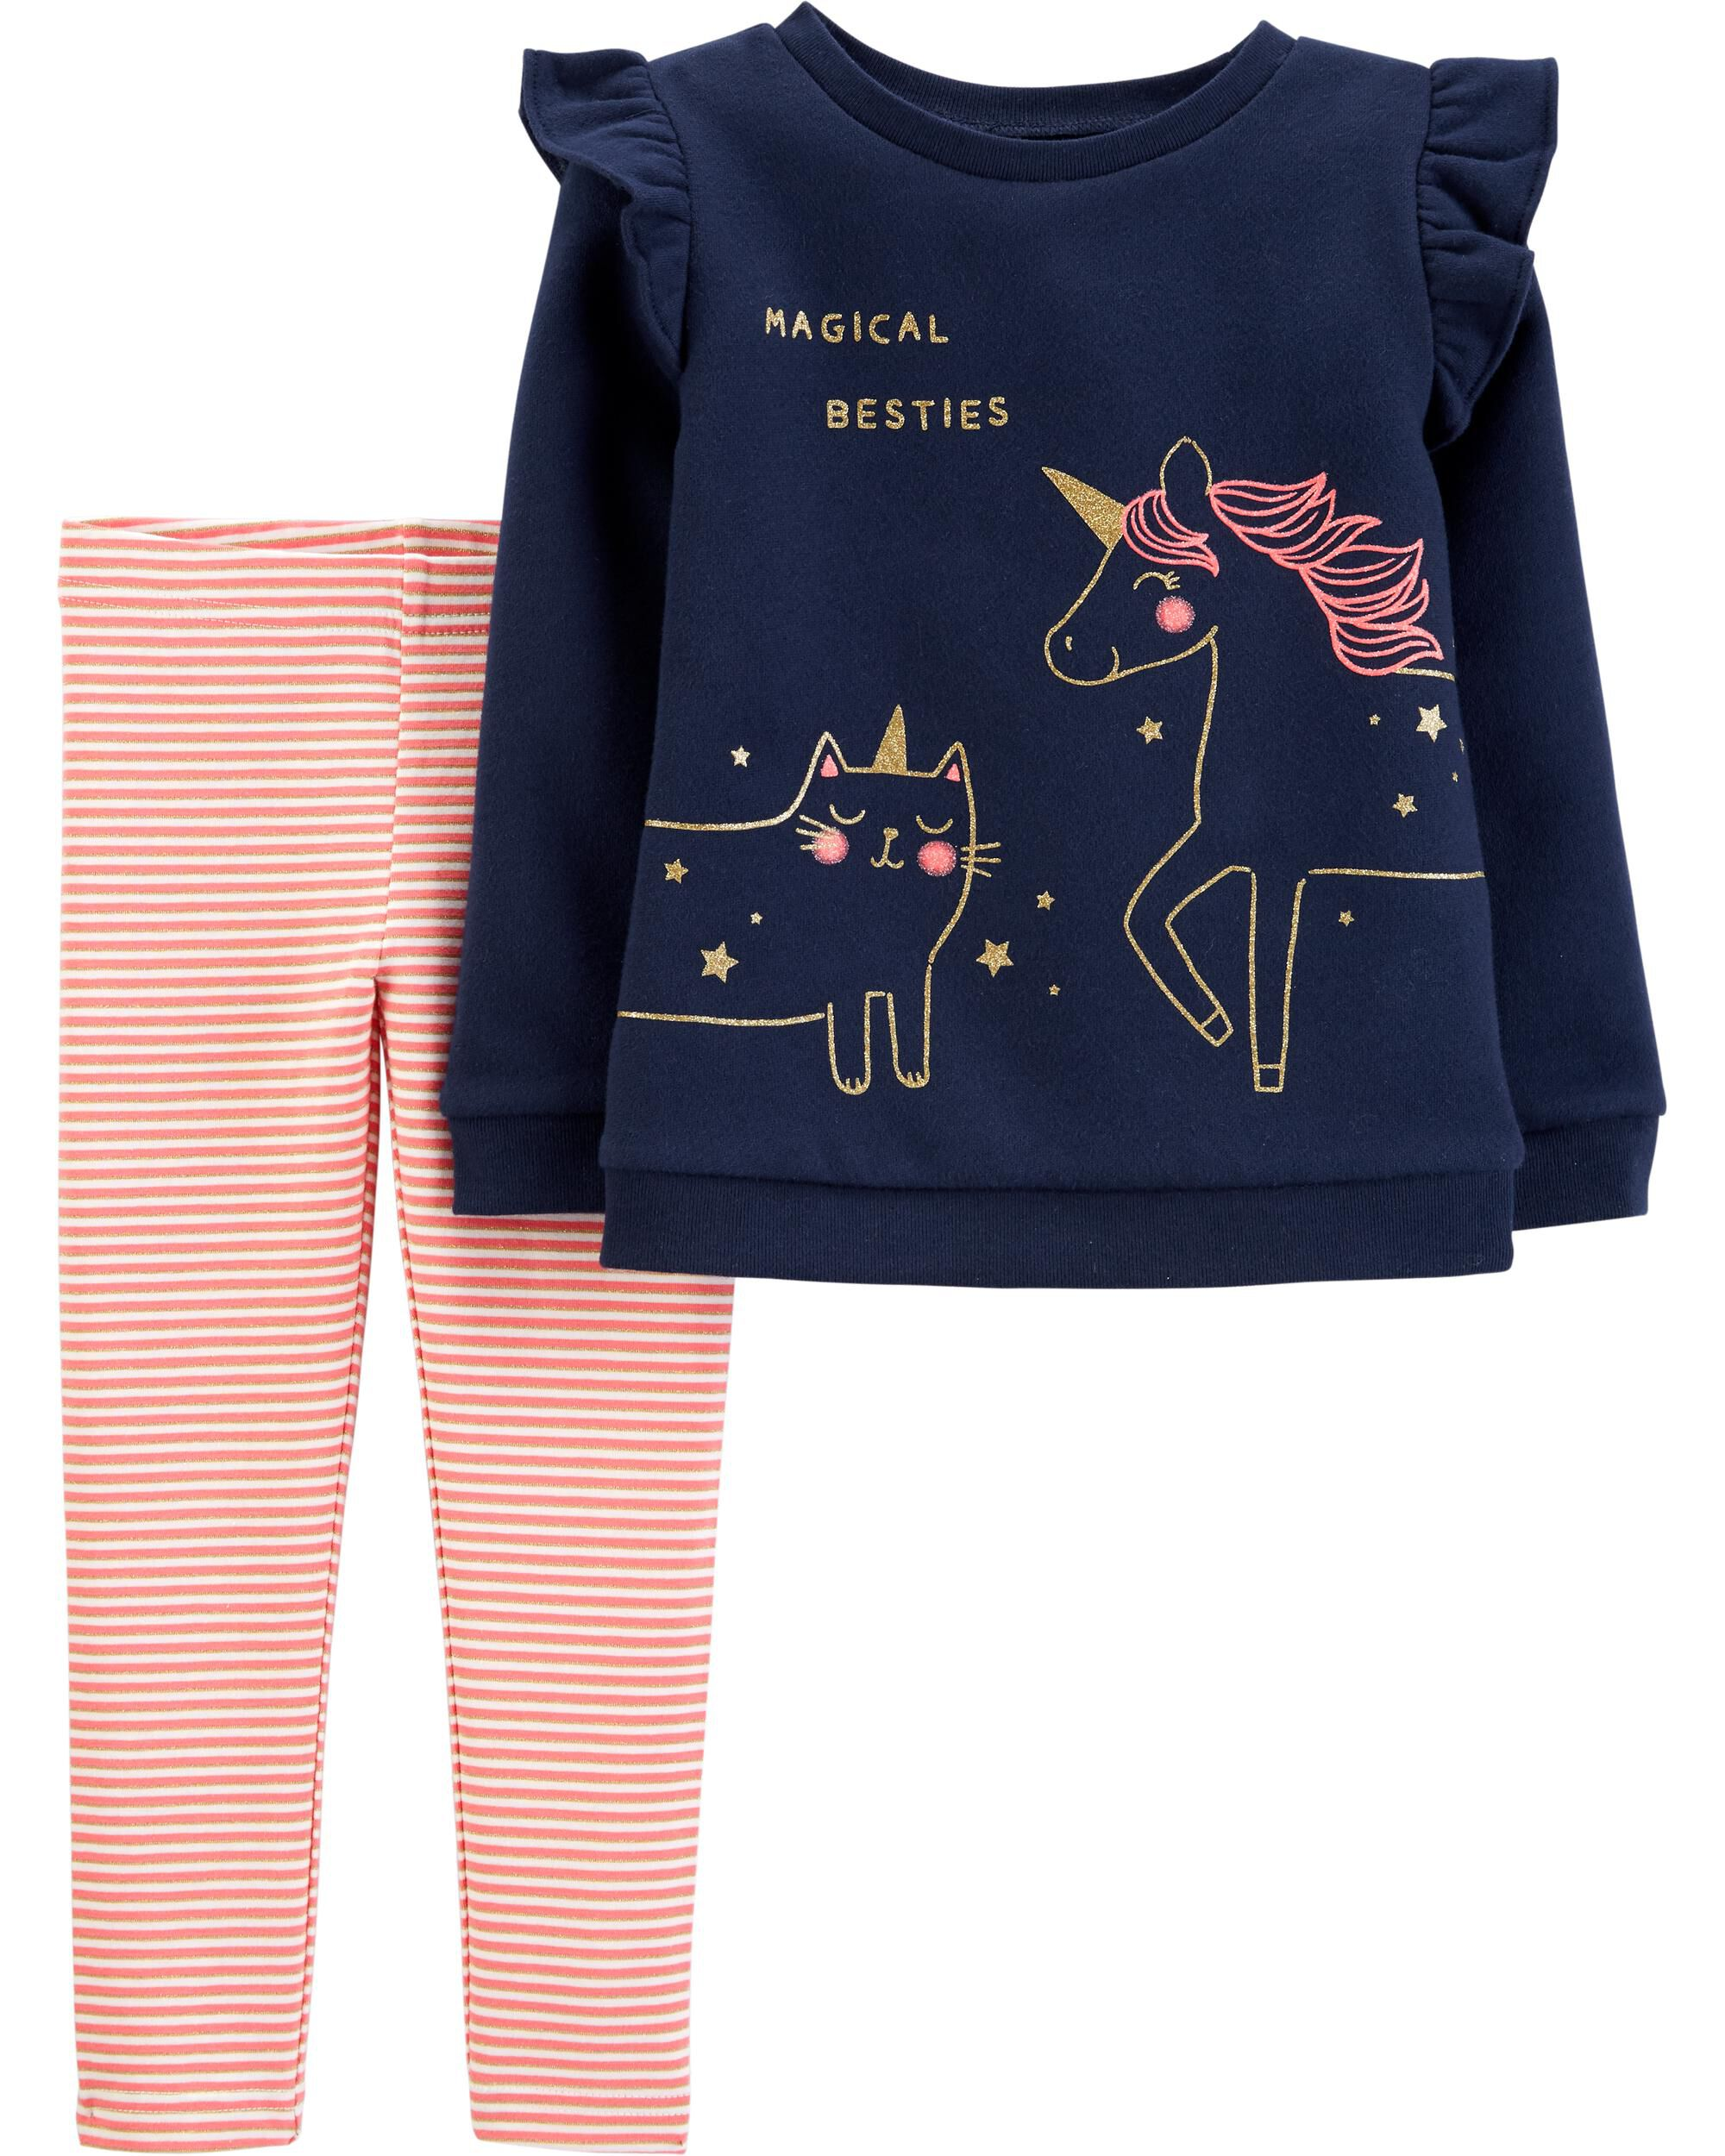 *CLEARANCE* 2-Piece Unicorn Fleece Top & Striped Legging Set